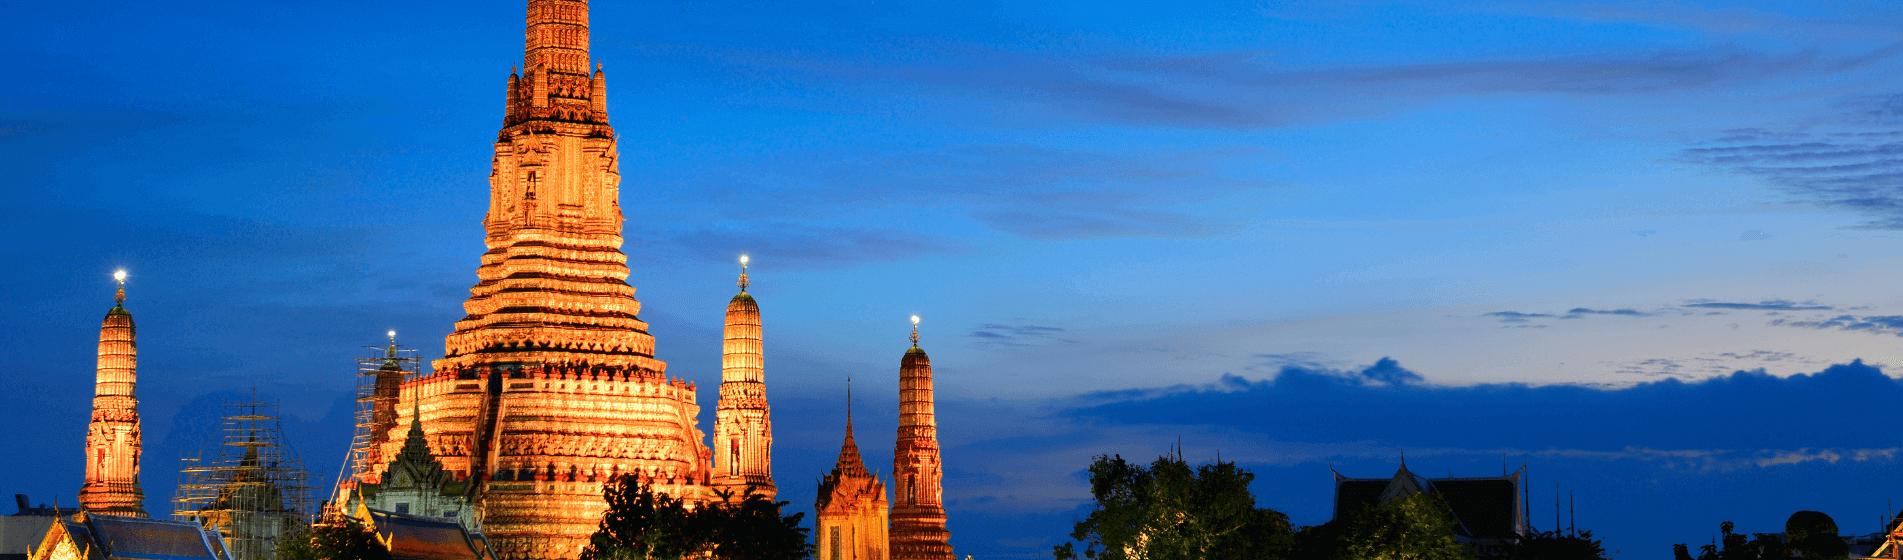 Thailand-tax-haven